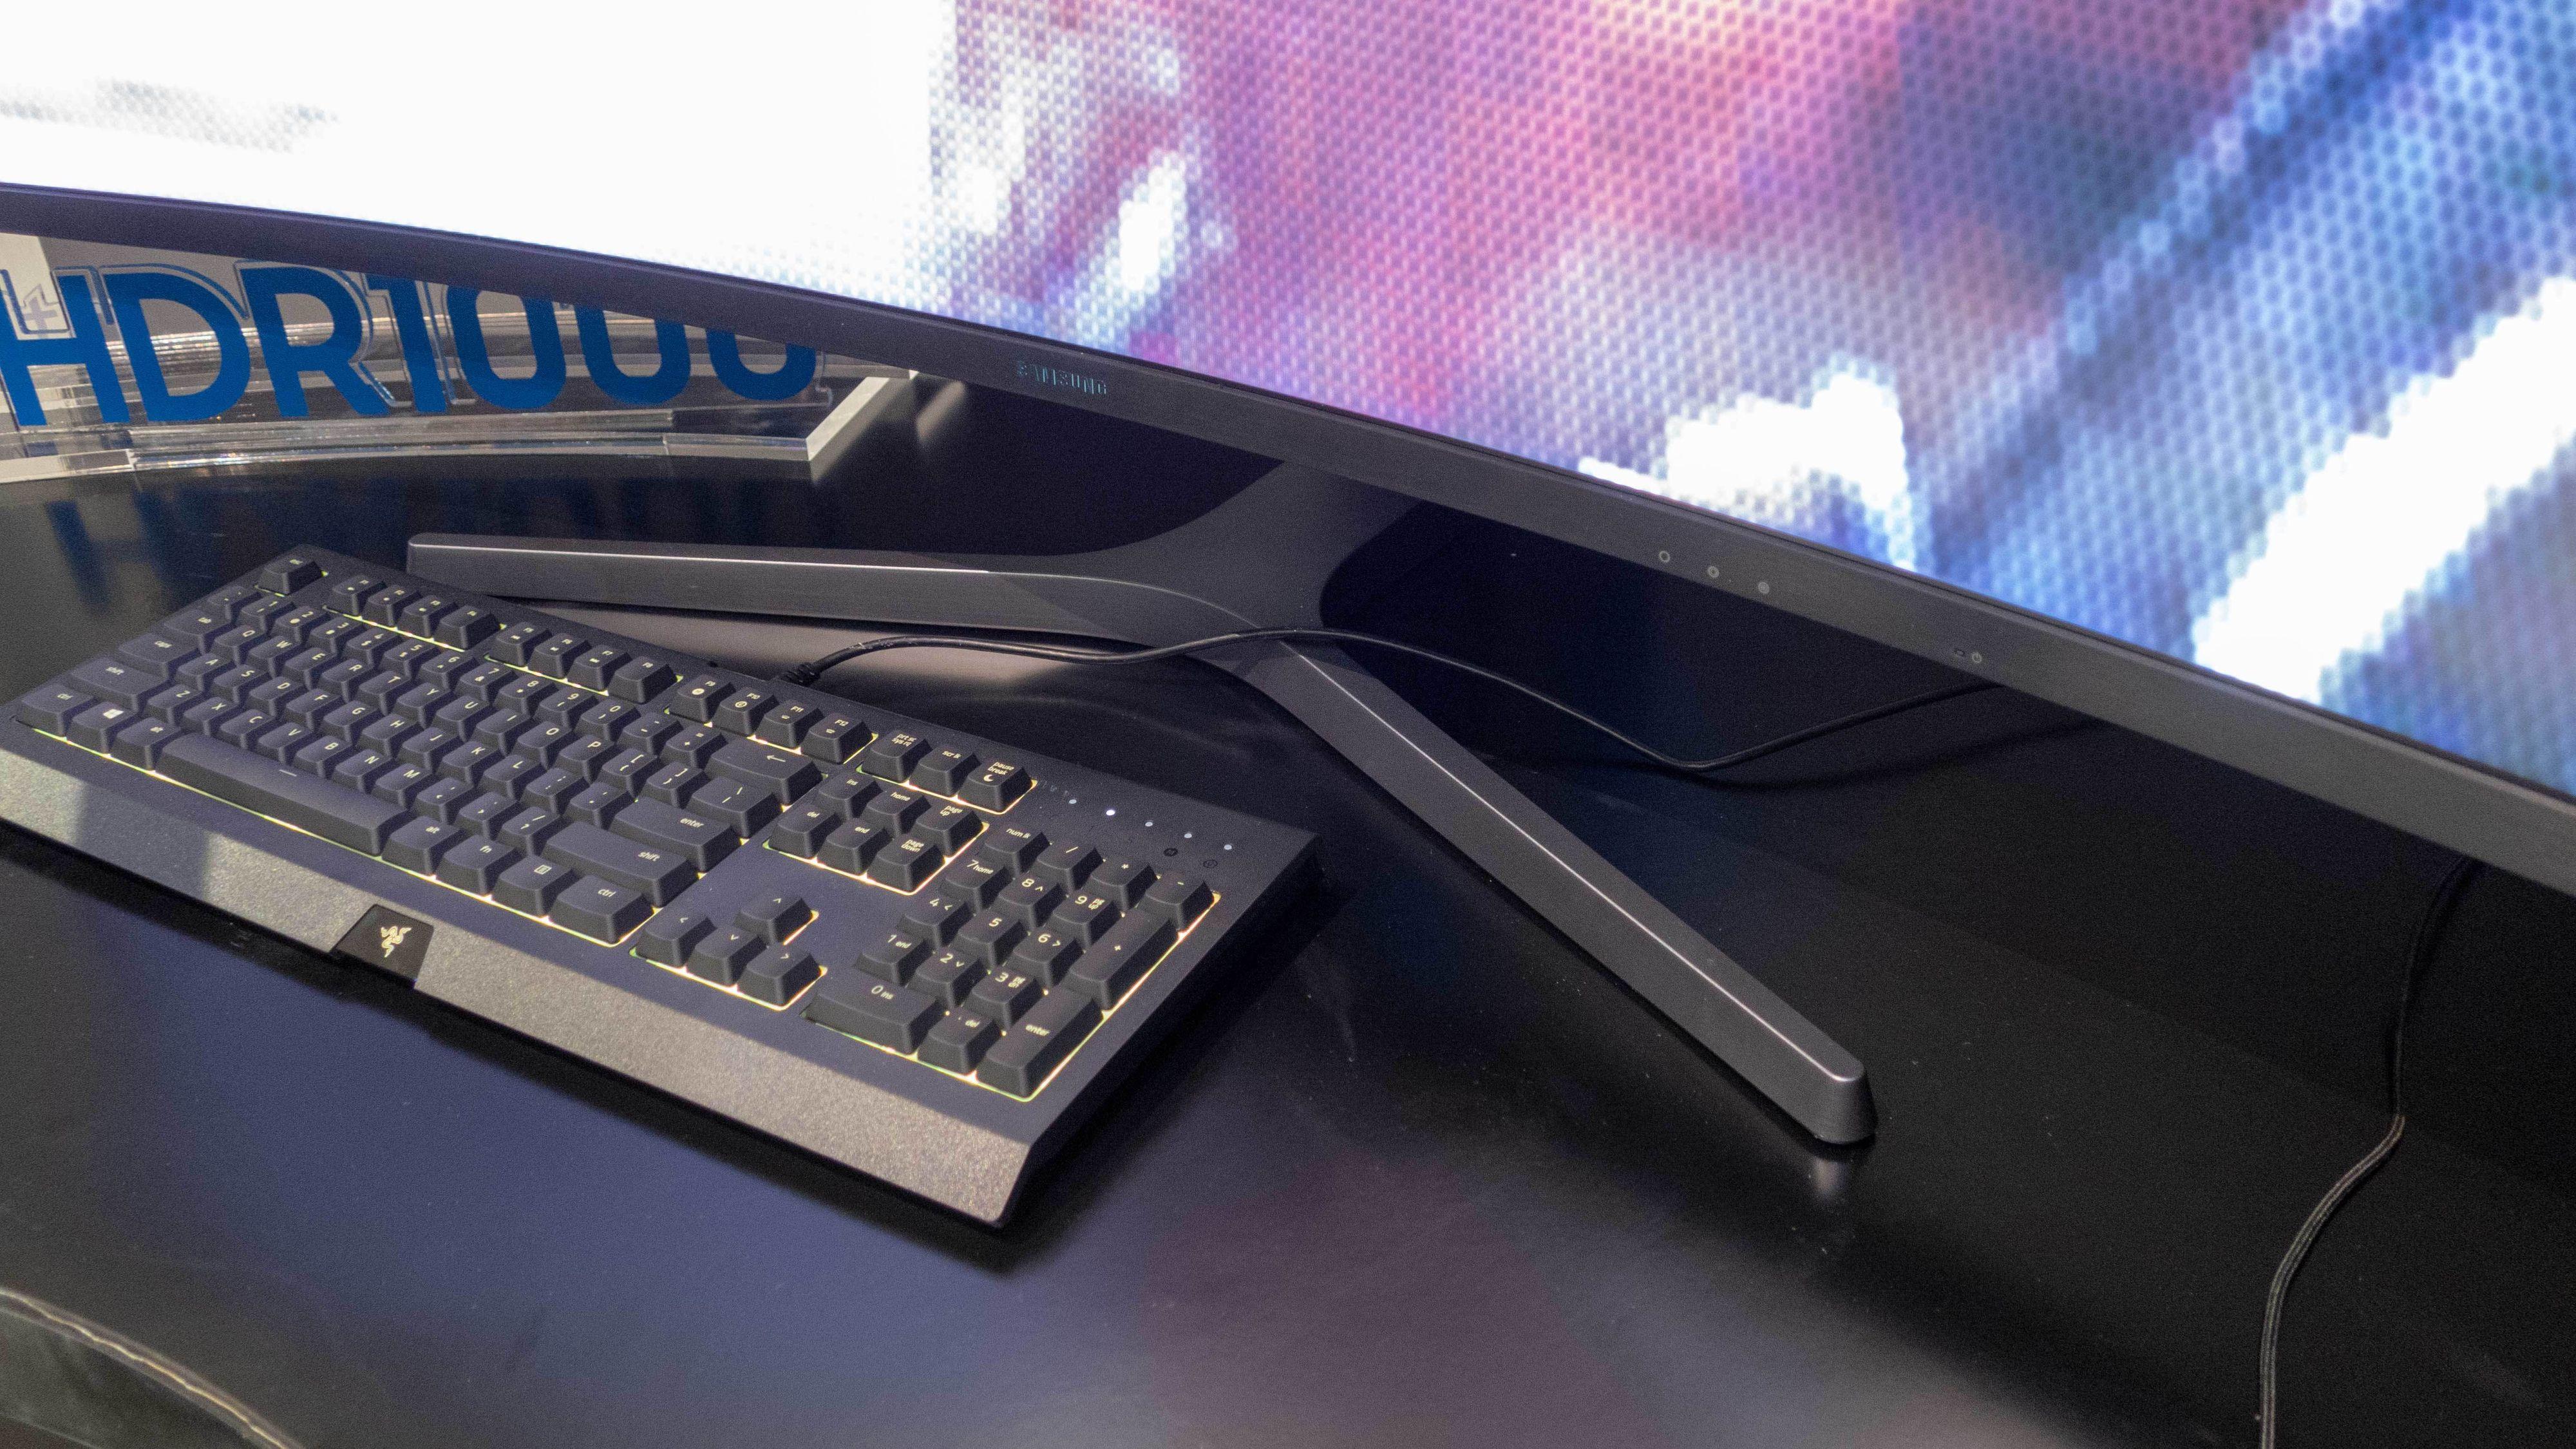 Foten minner mye om det vi har sett på selskapets TV-er. Og den er bredbeint nok til at tastaturet passer mellom.